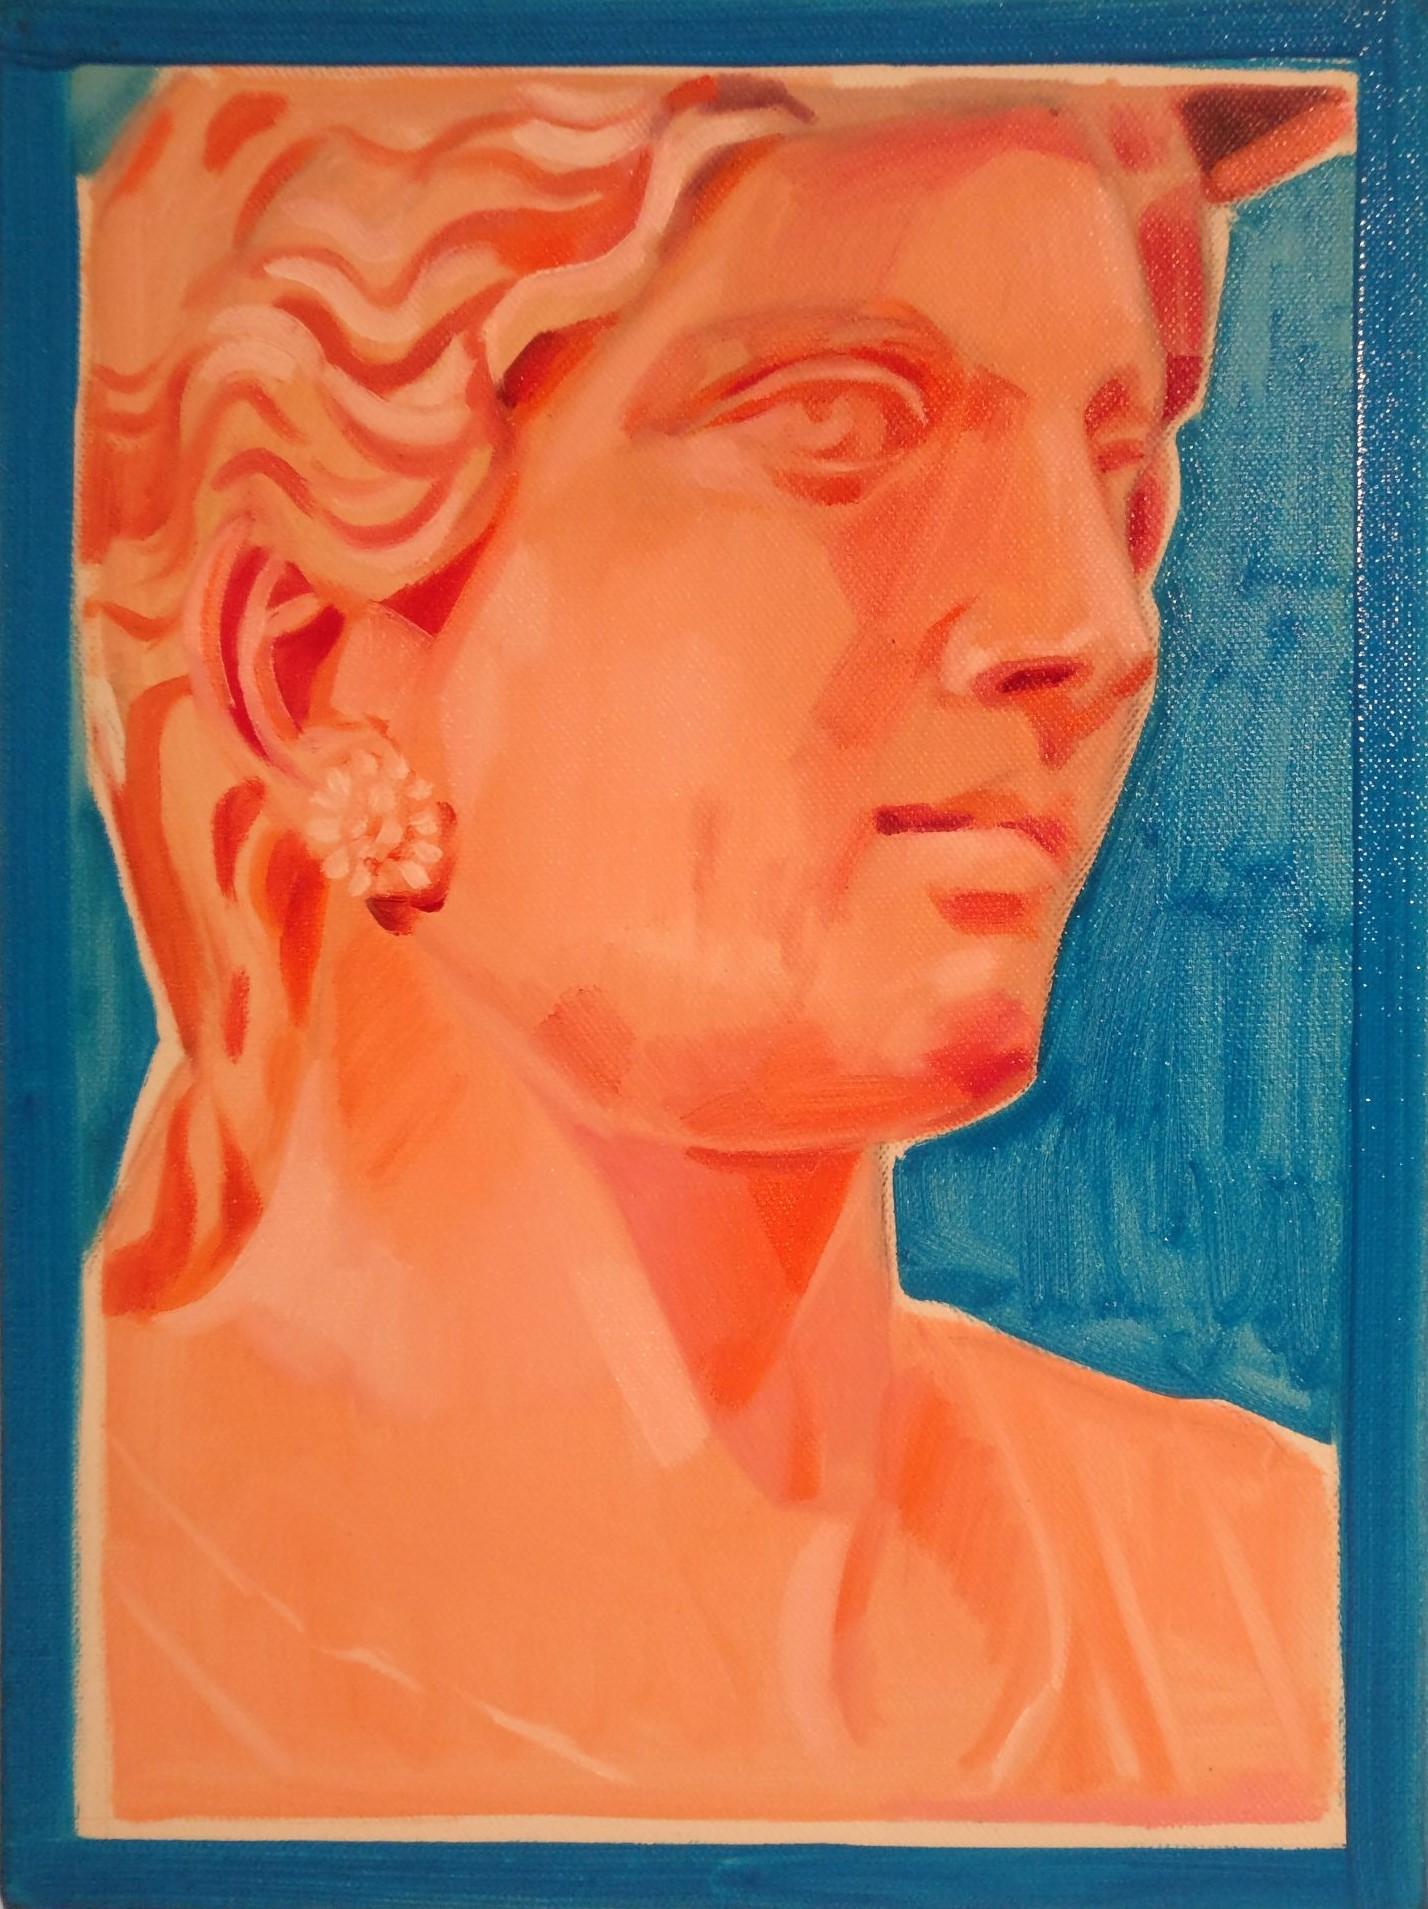 To My Twenties - Lot 33, Mary Savva, Orange Aphrodite with Sky